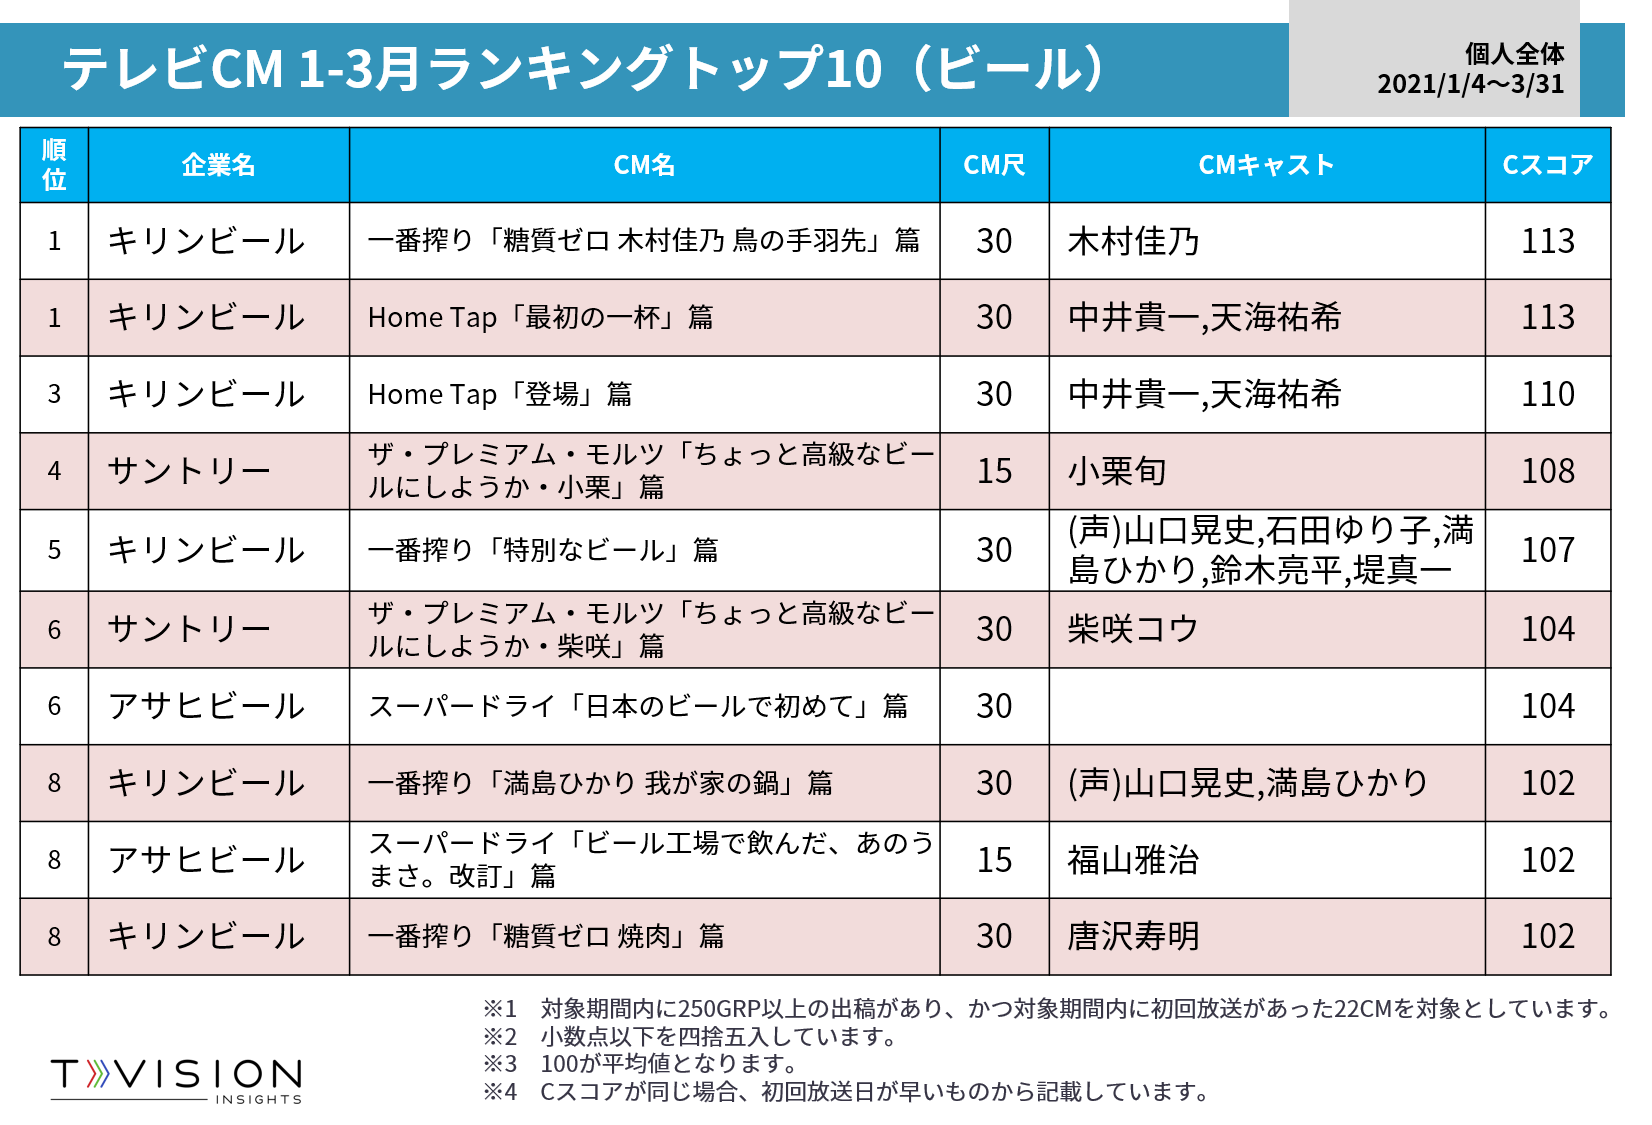 テレビCM1-3月Cスコア ビールカテゴリーランキング